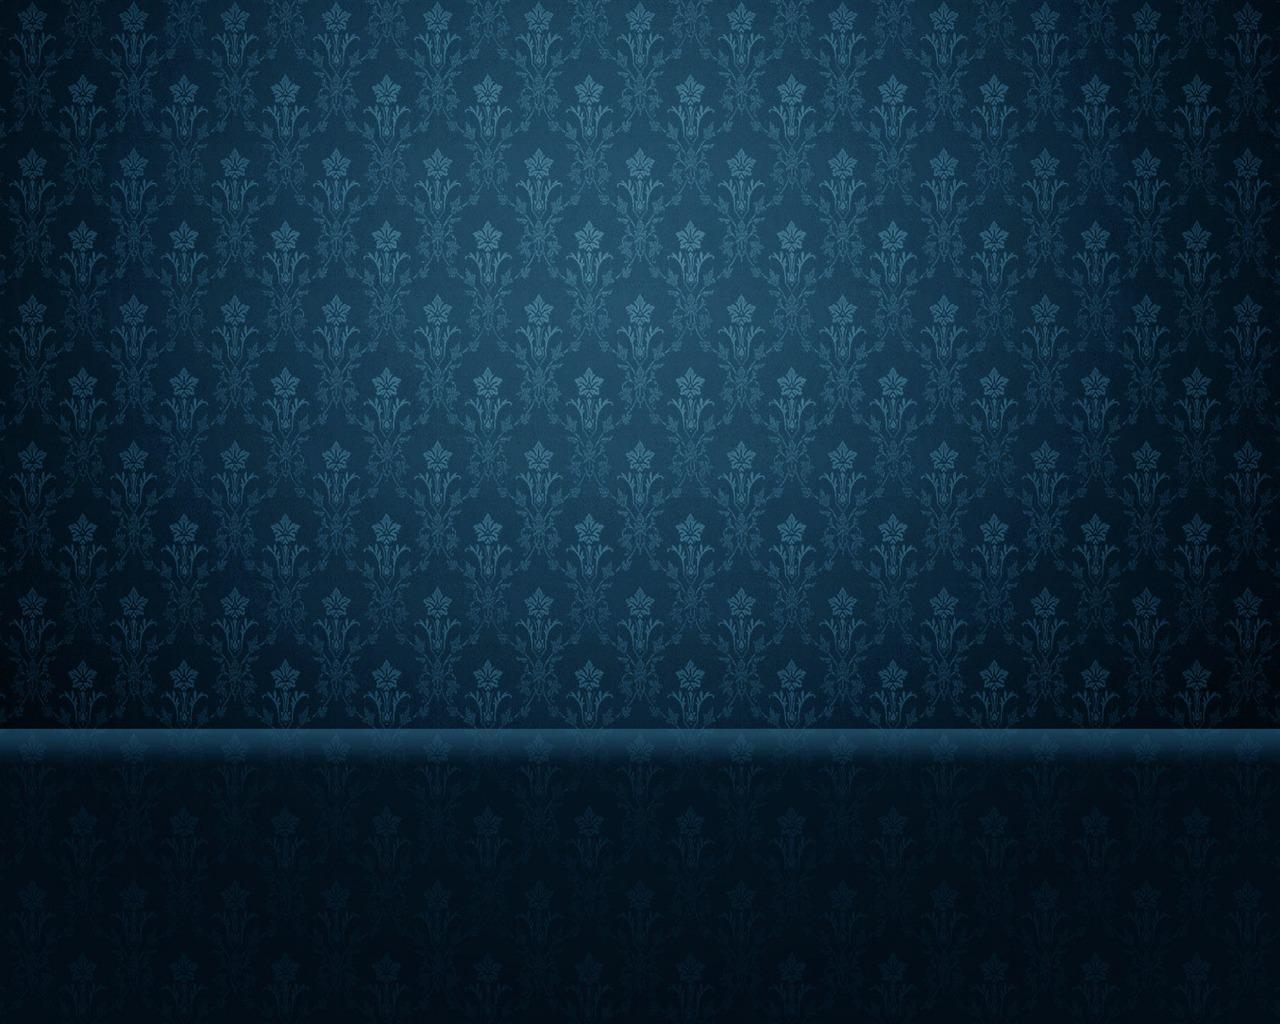 color brillante papel tapiz de fondo 1 2 1280x1024